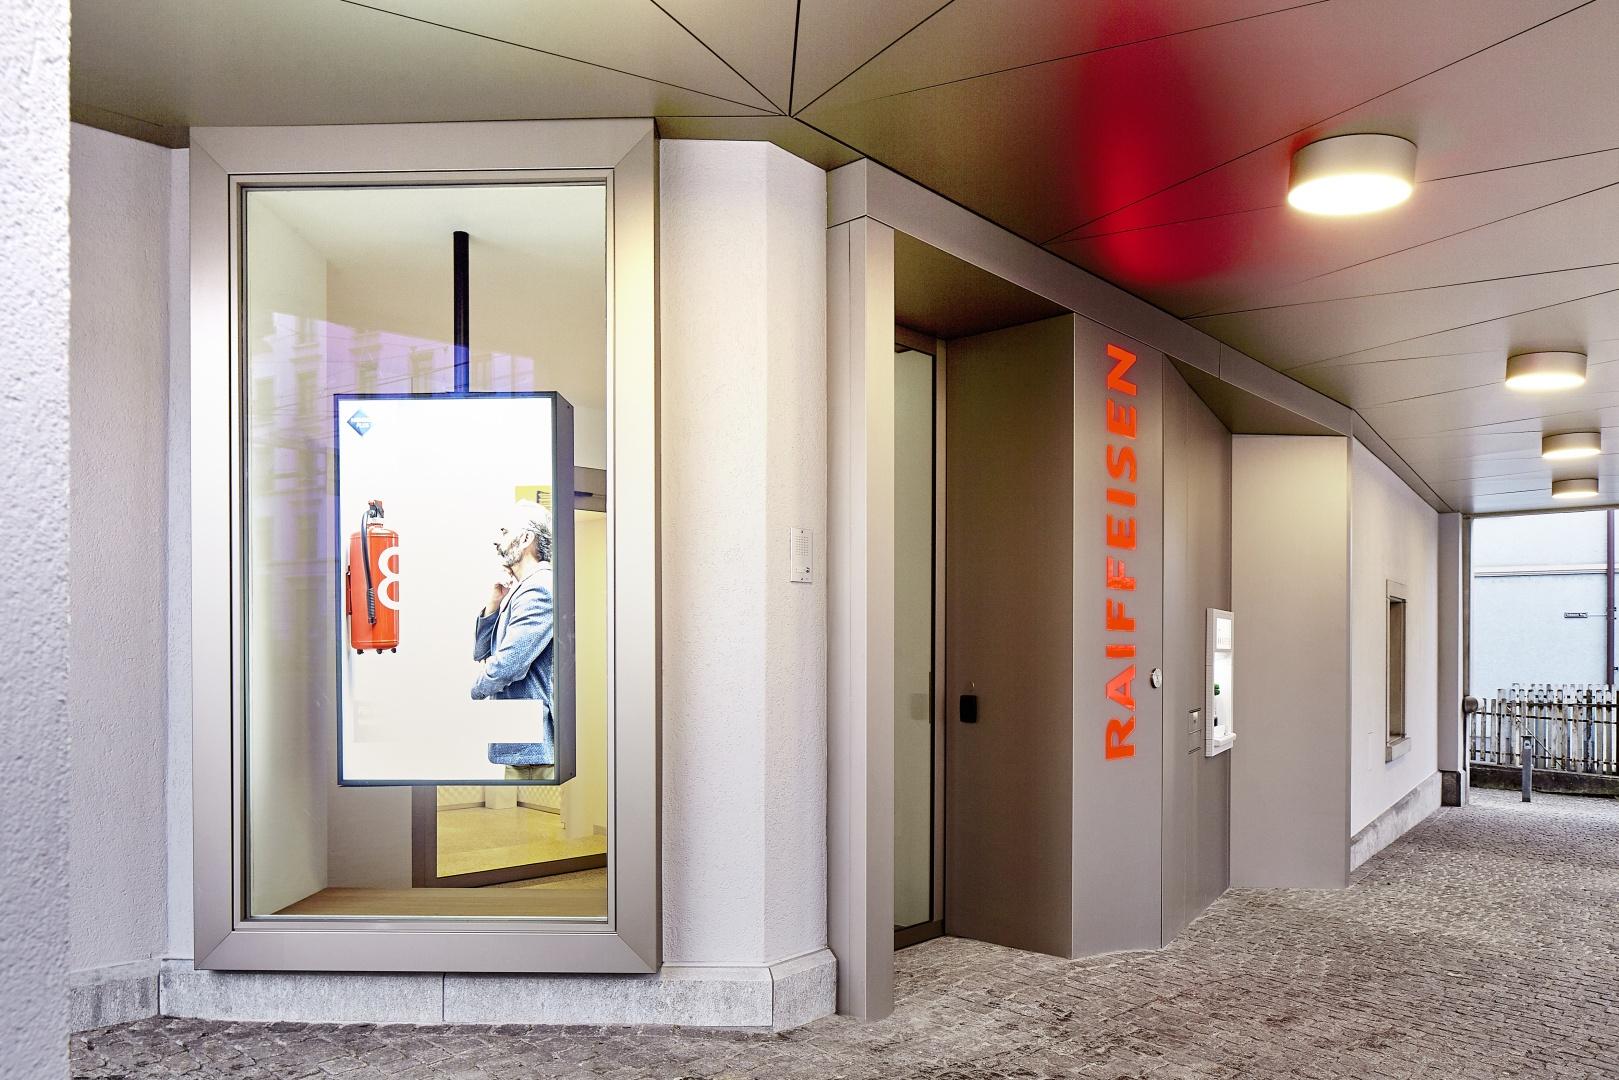 Arkadenraum © Zimmer Schmidt Architekten